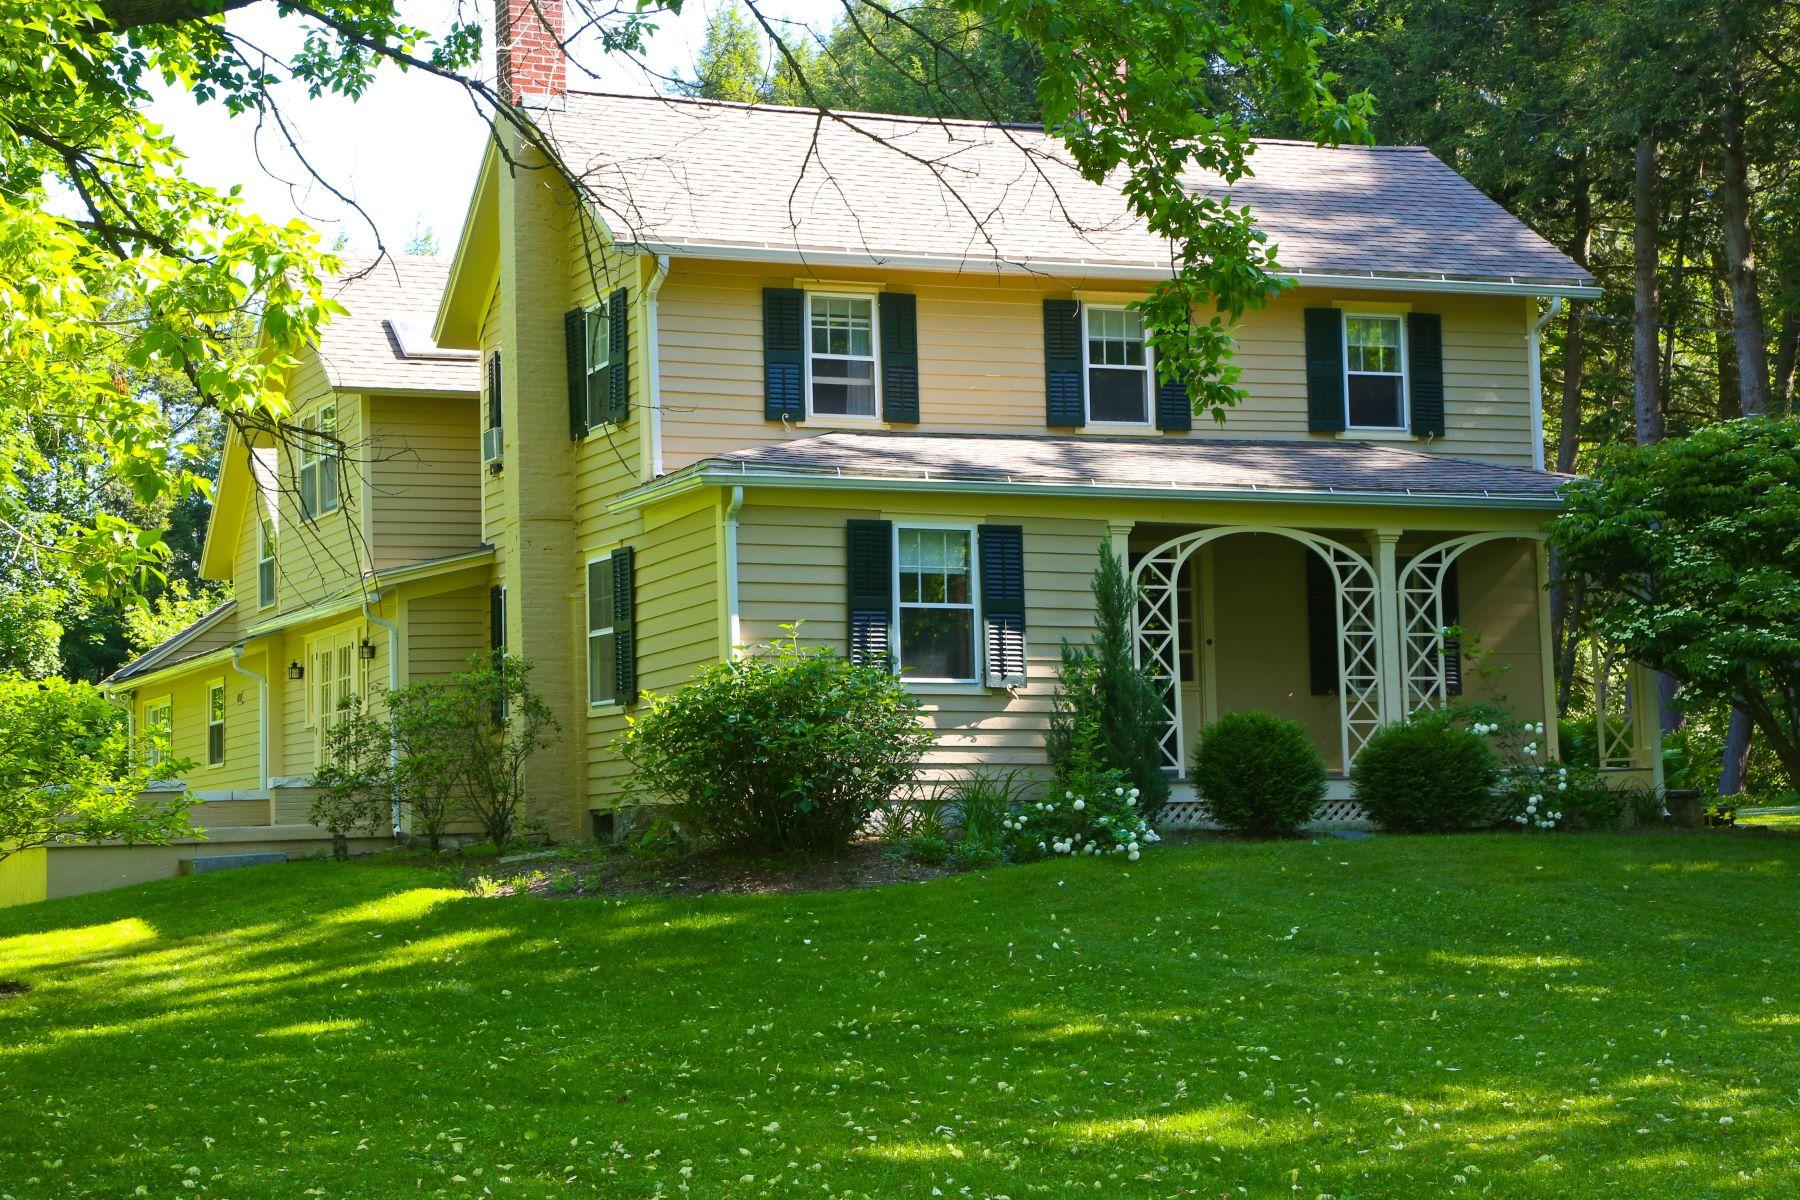 Частный односемейный дом для того Продажа на Golfer's Paradise 1 Main St Stockbridge, Массачусетс 01262 Соединенные Штаты